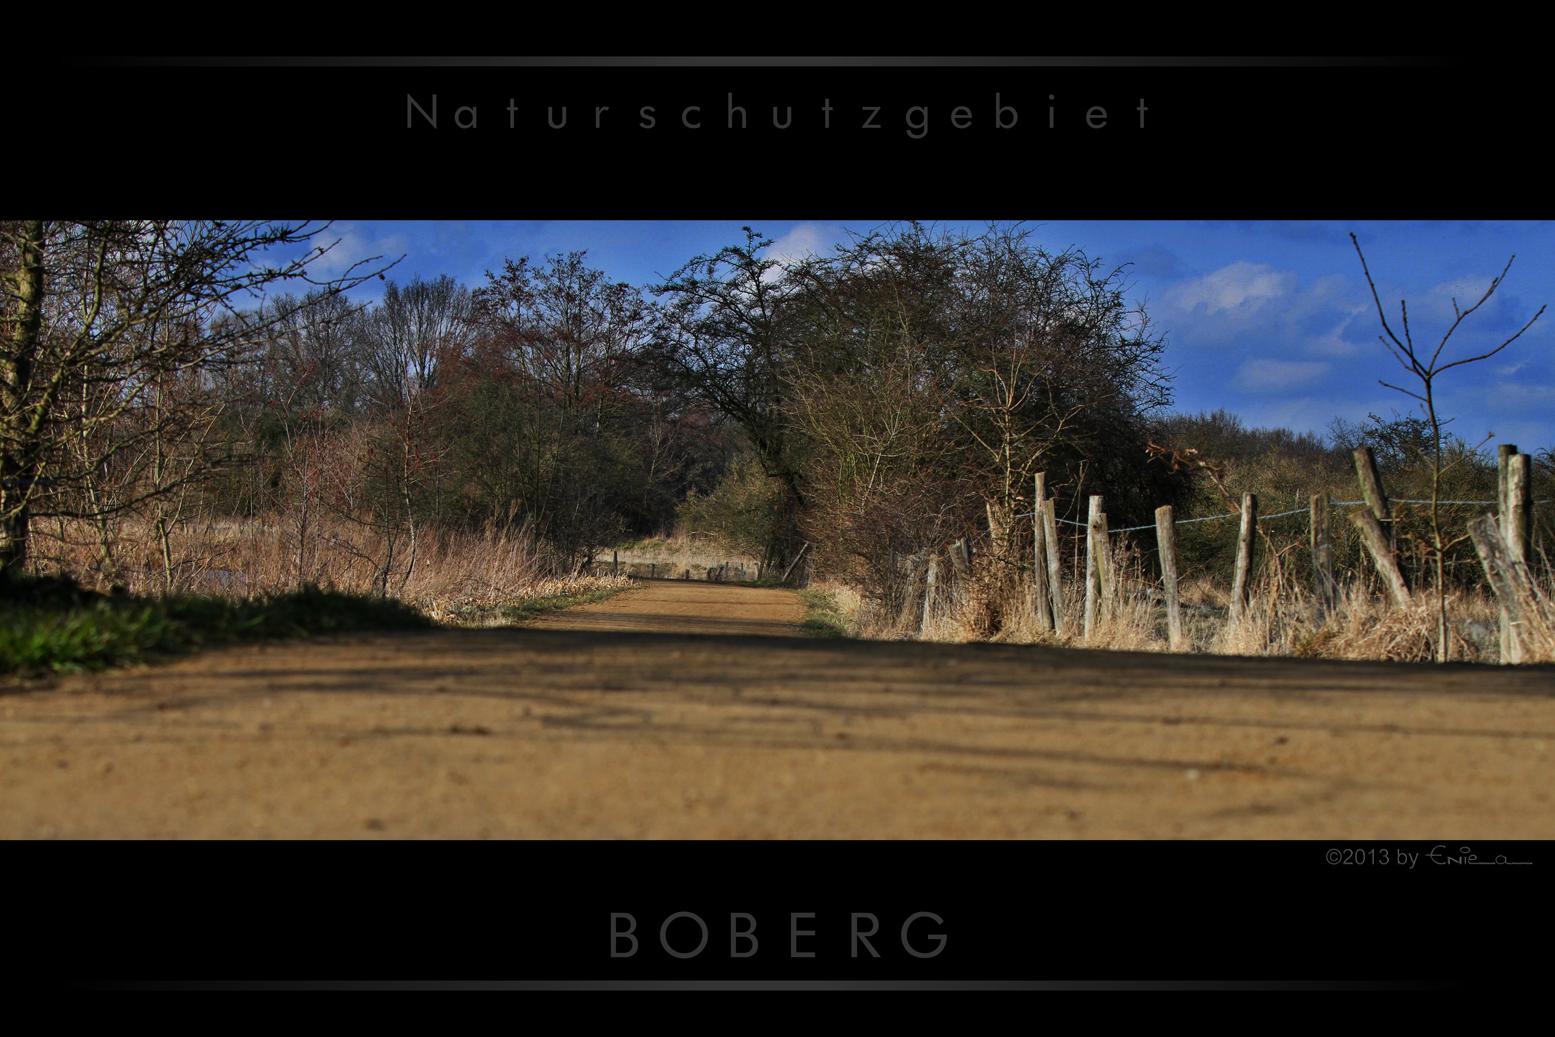 Naturschutzgebiet - Boberg